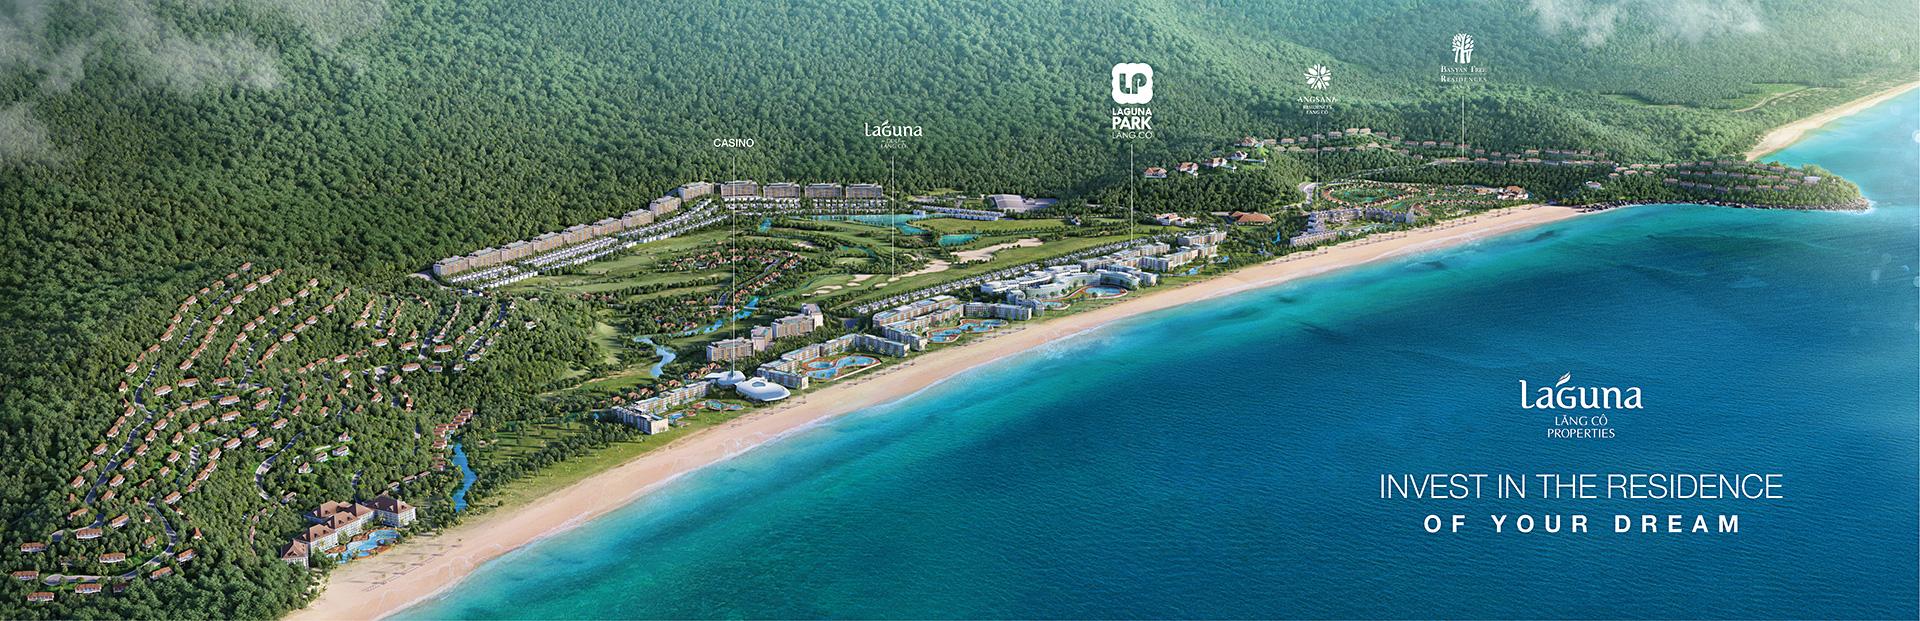 Laguna Park Residences - Laguna Lang Co Master Plan